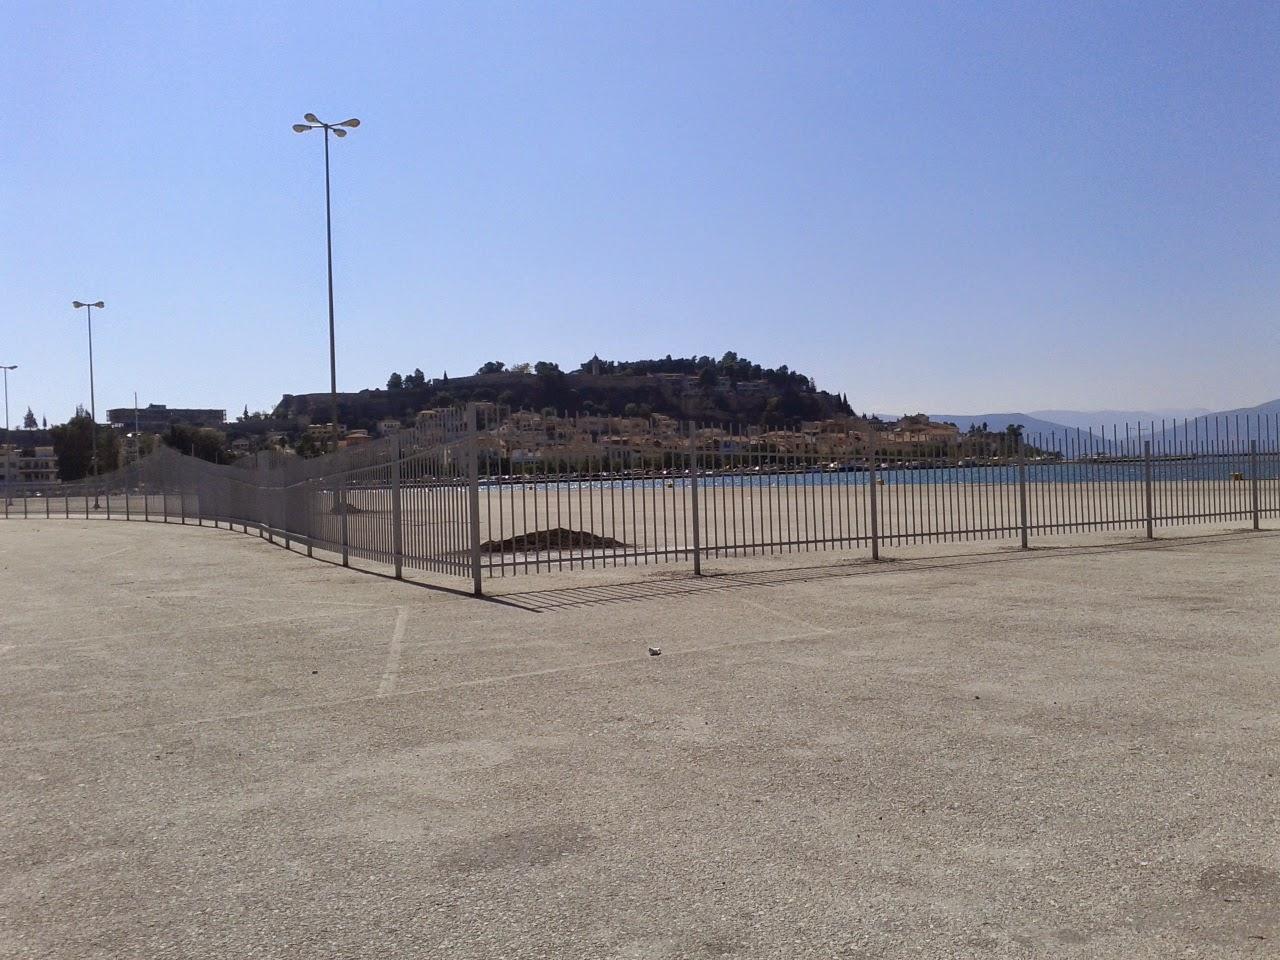 Τελικά θα μας μείνουν τα κάγκελα στο Λιμάνι του Ναυπλίου;